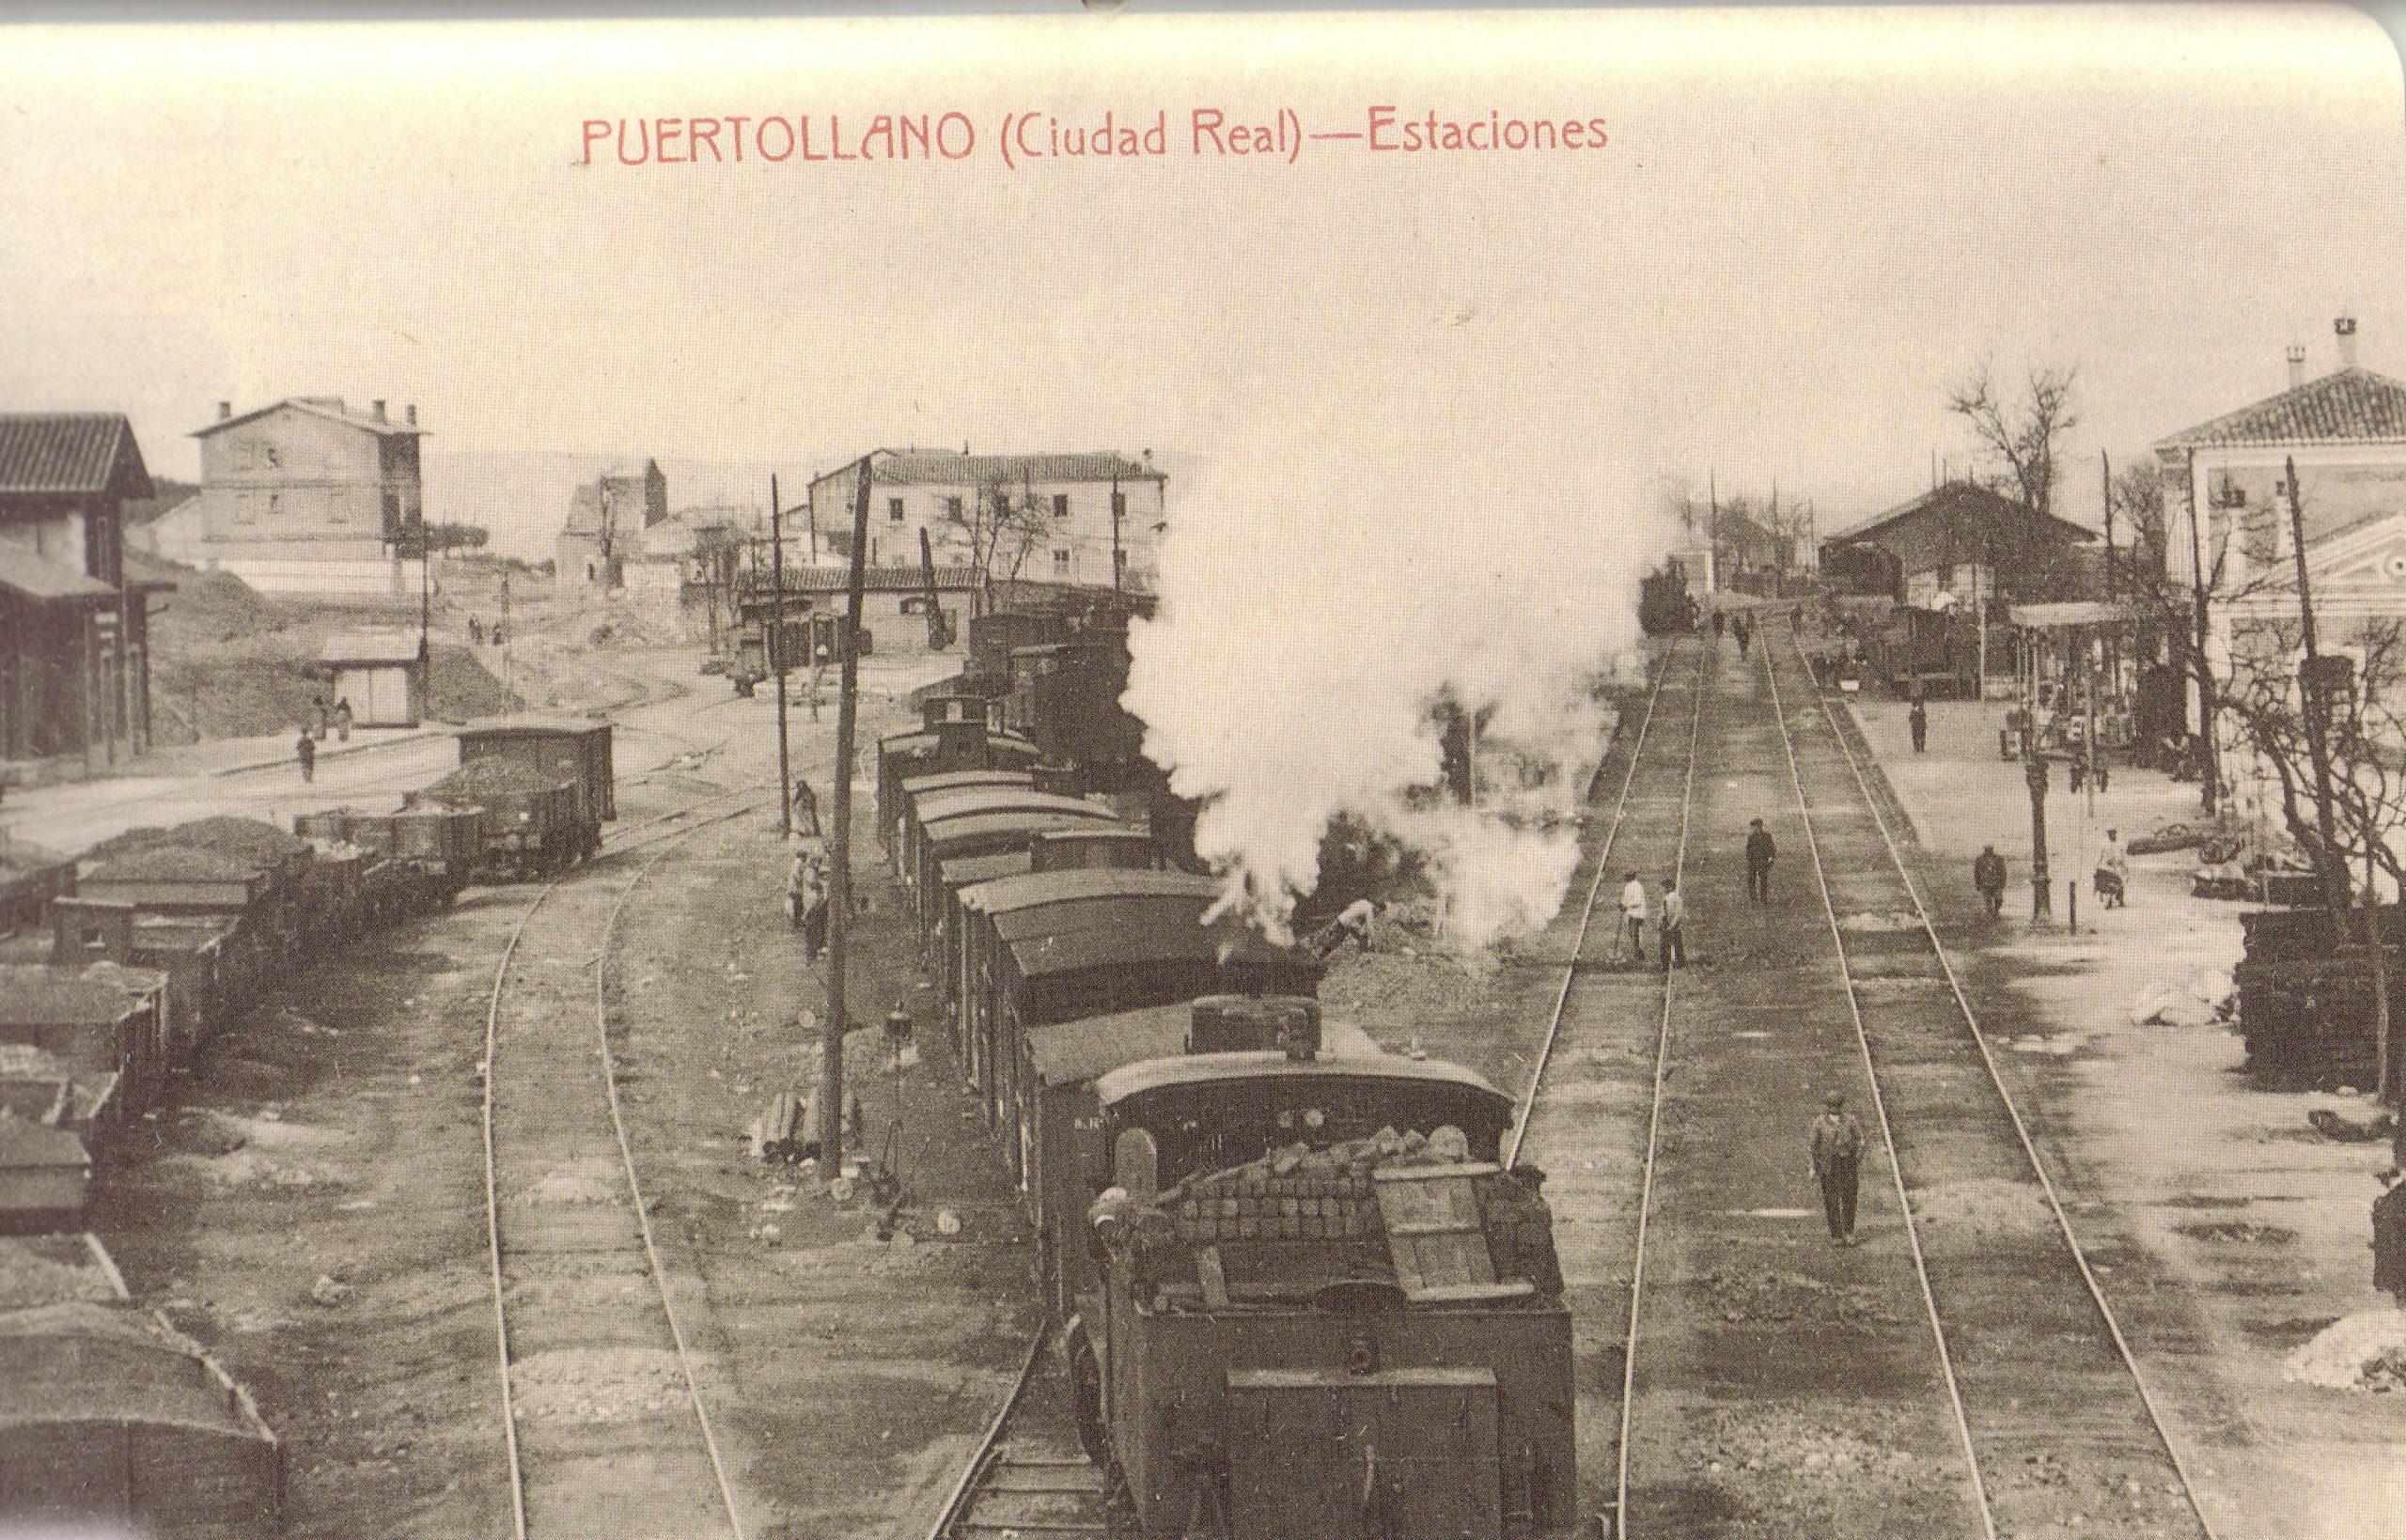 Estación de ferrocarril de Puertollano. Fotografía Enrique Malagón. 1905.1920